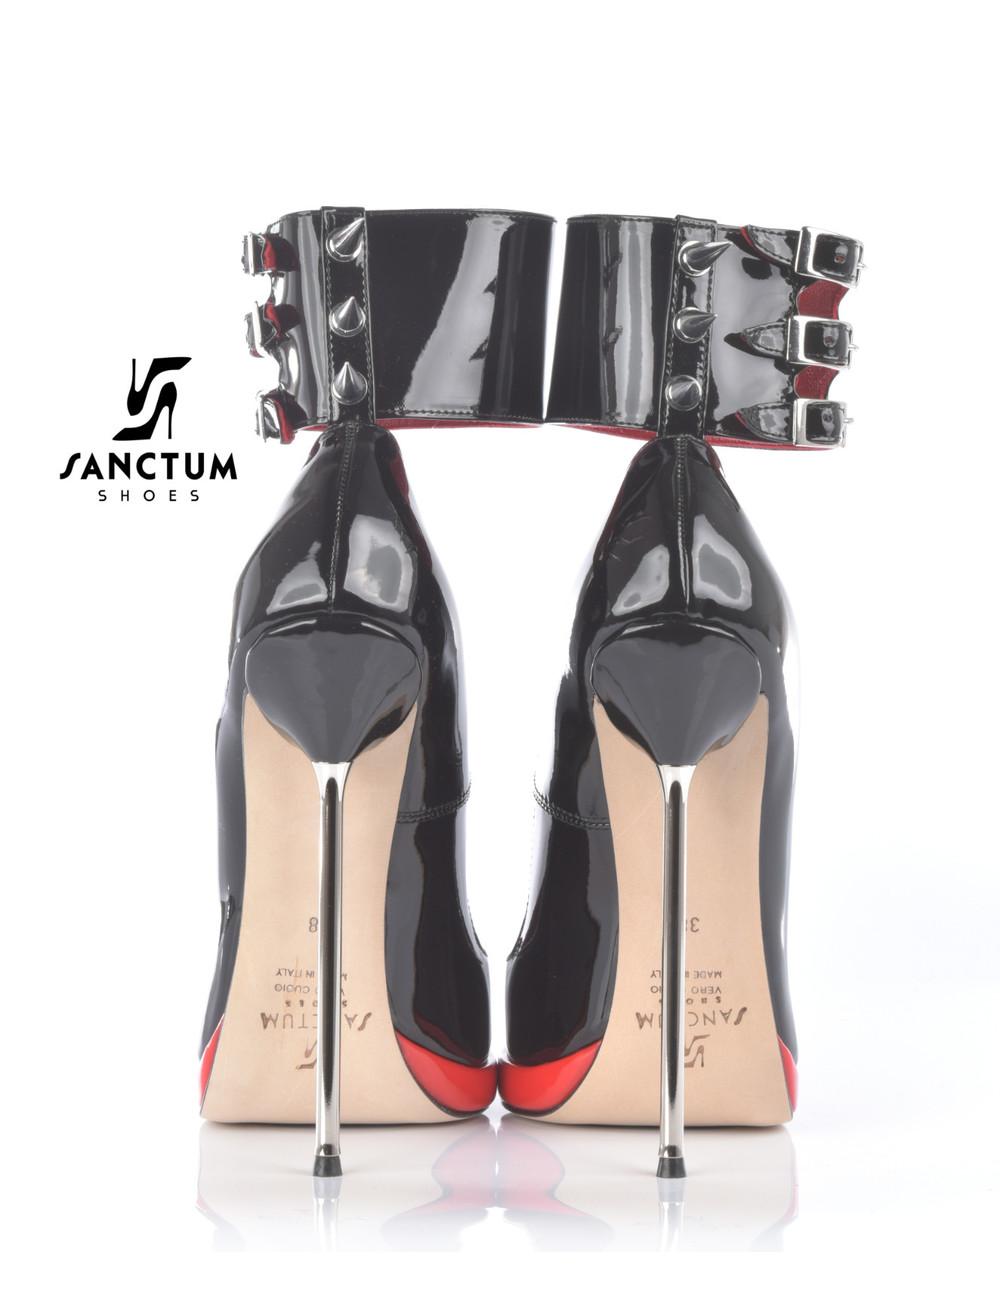 Sanctum Extrem hohe italienische Pumps FATALE mit Stiletto-Absatz aus Metall